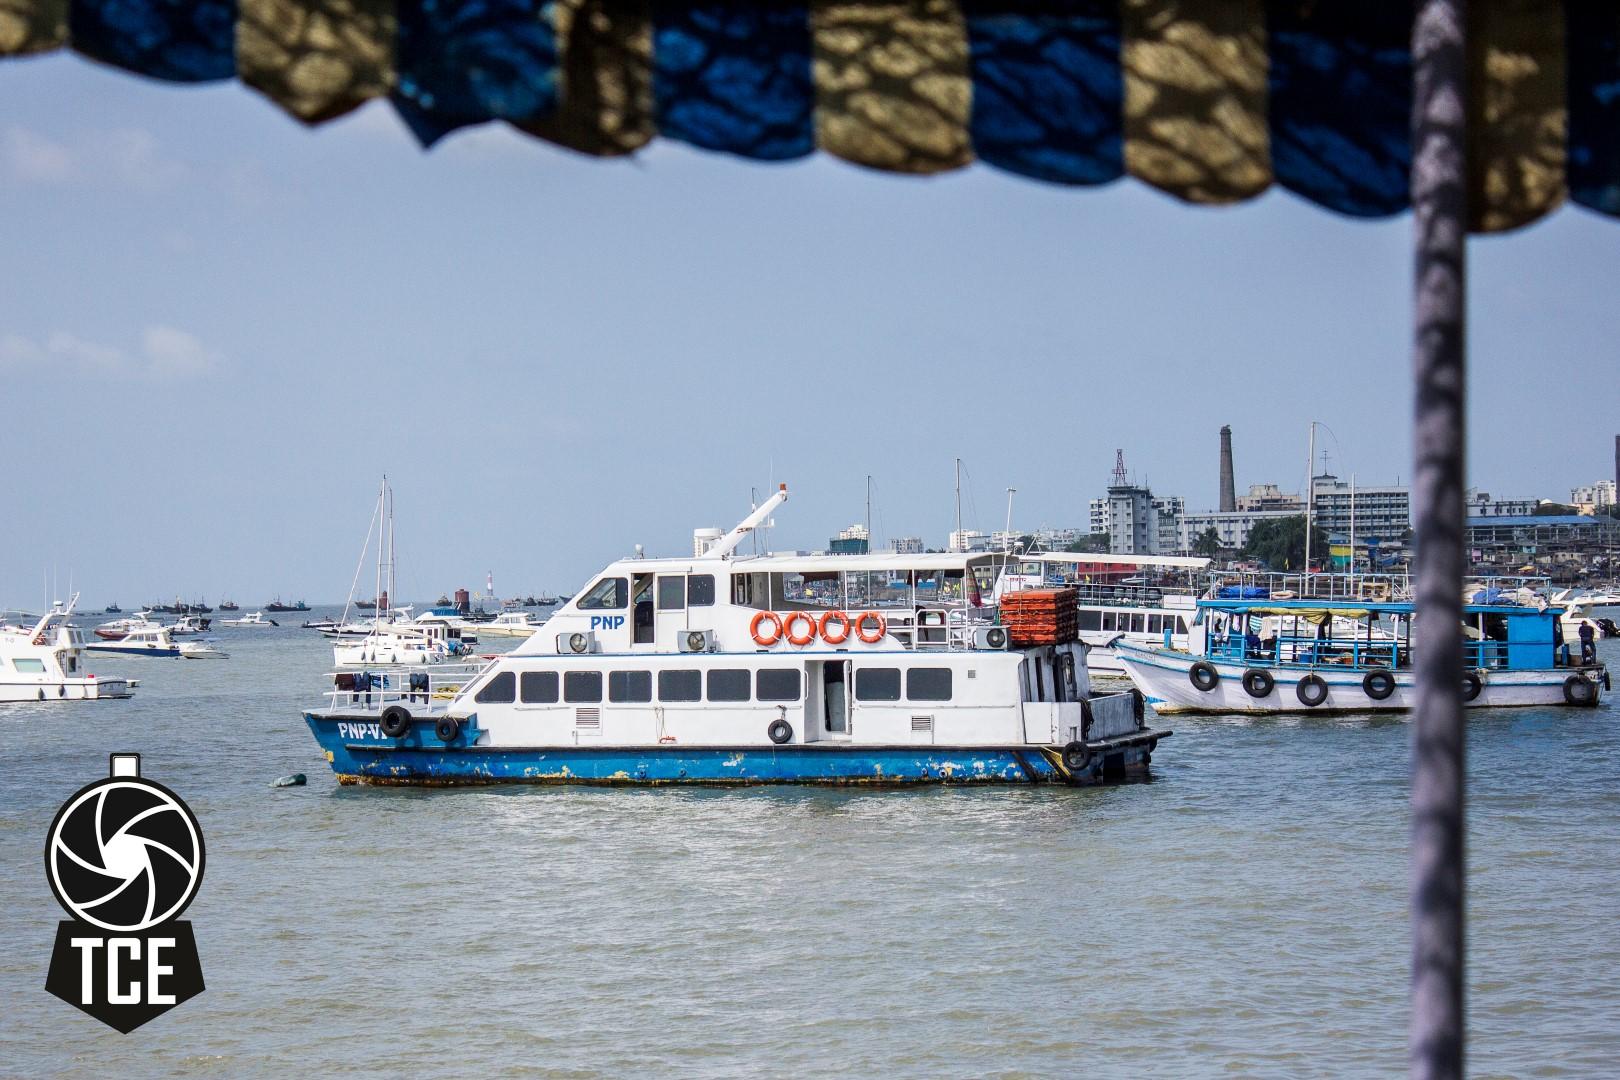 A Boat in Mumbai Harbor